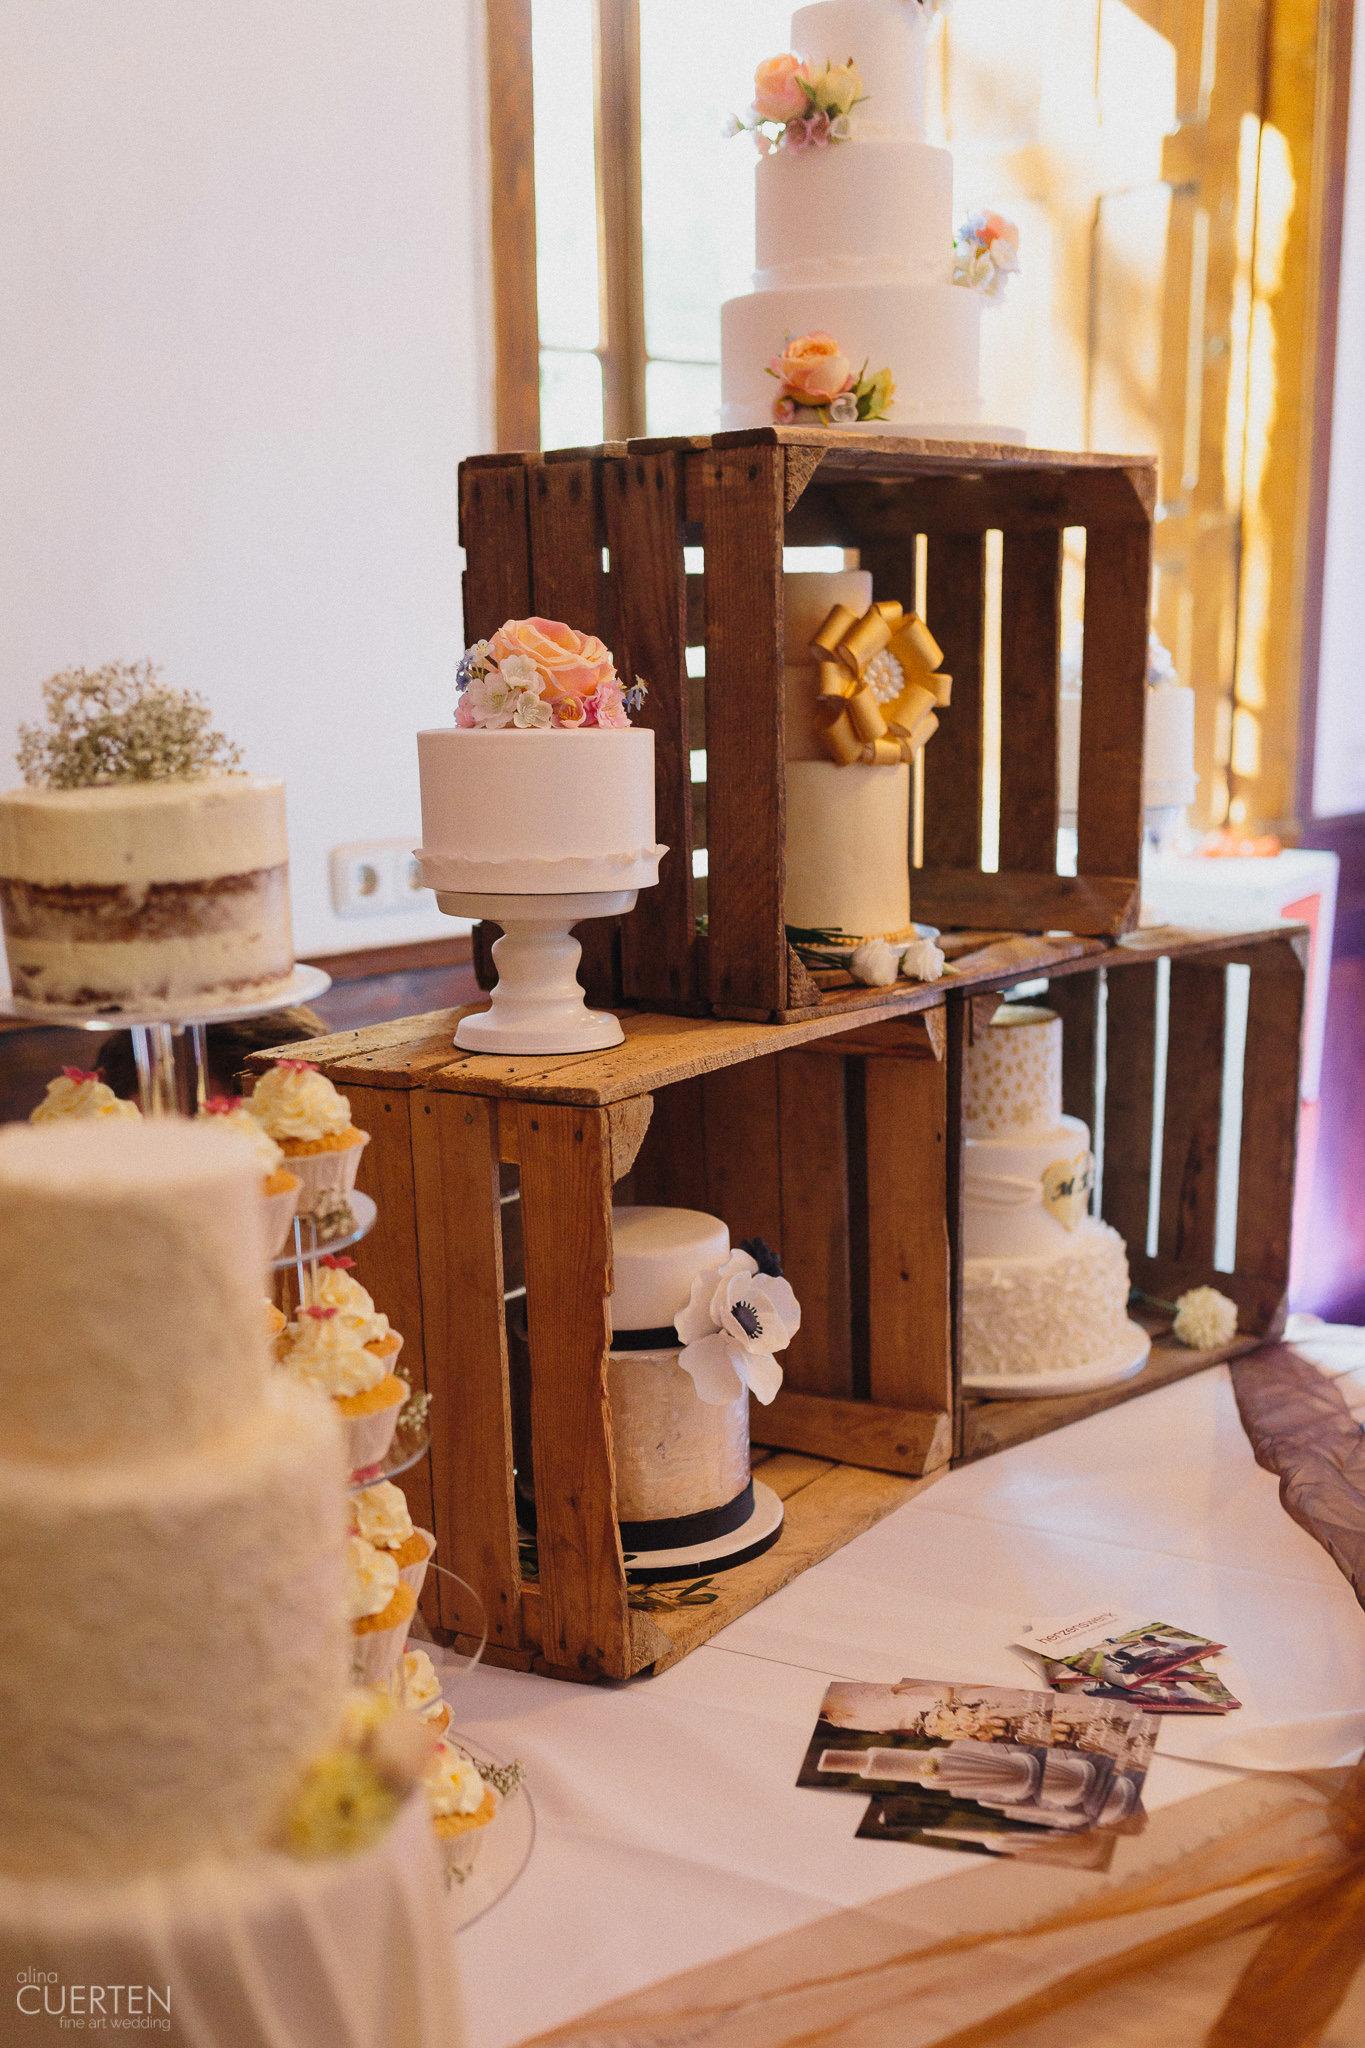 Tatsaechlich Liebe Hochzeitsmesse 078 Foto alina CUERTEN fine art wedding